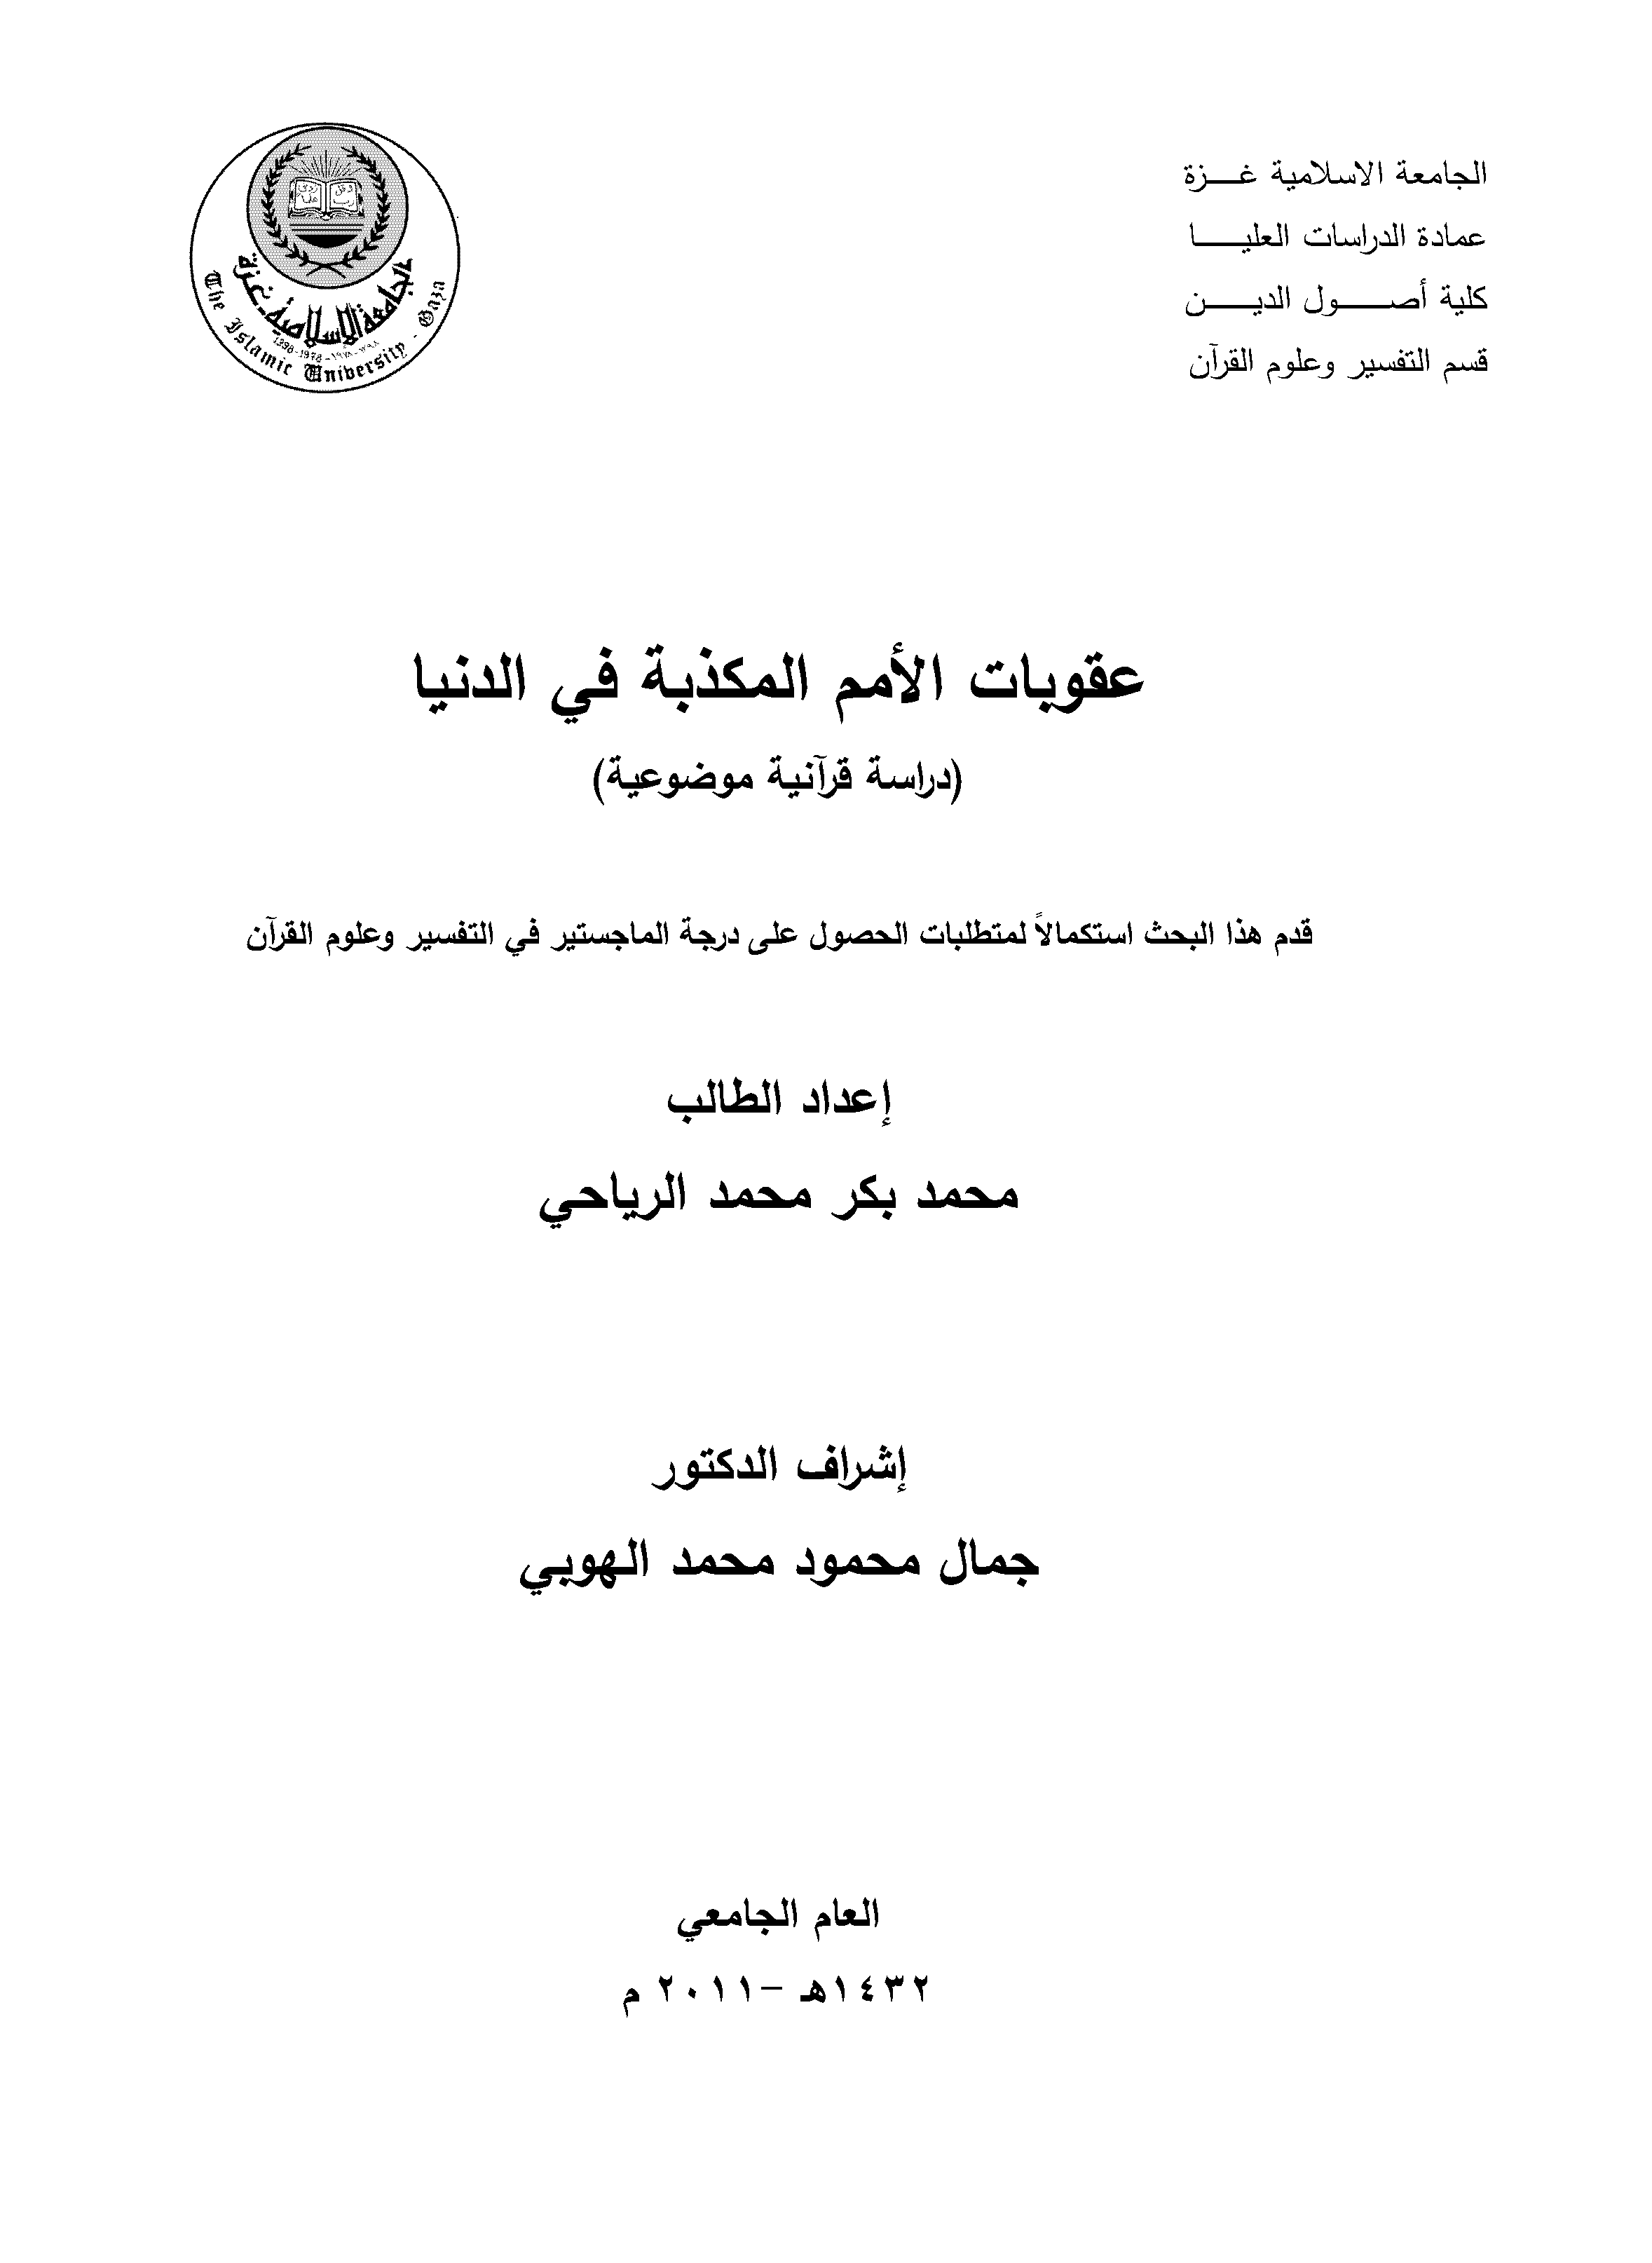 تحميل كتاب عقوبات الأمم المكذبة في الدنيا (دراسة قرآنية موضوعية) لـِ: الأستاذ محمد بكر محمد الرياحي